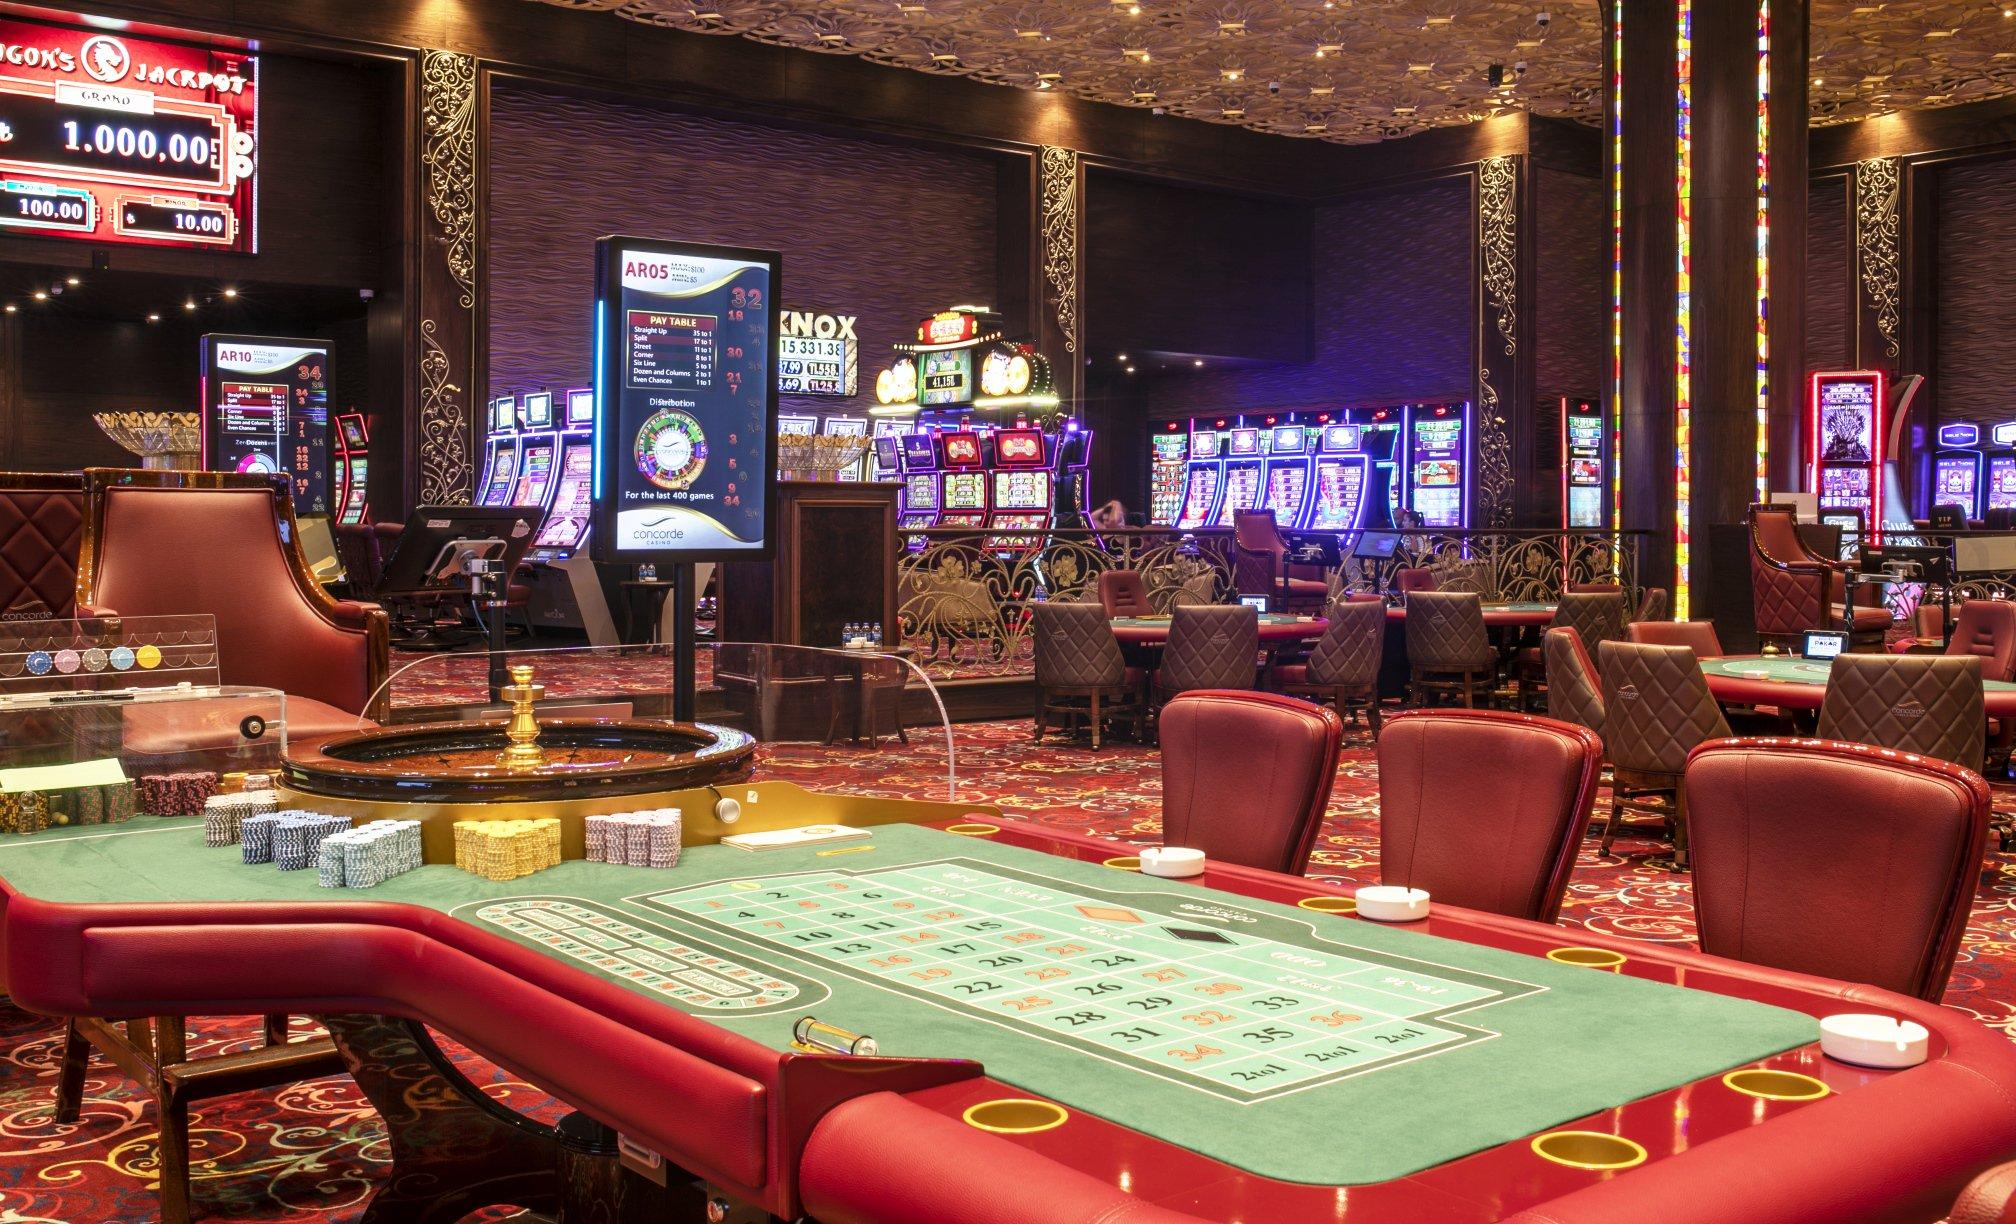 Concorde casino isle casino hotel biloxi mississippi